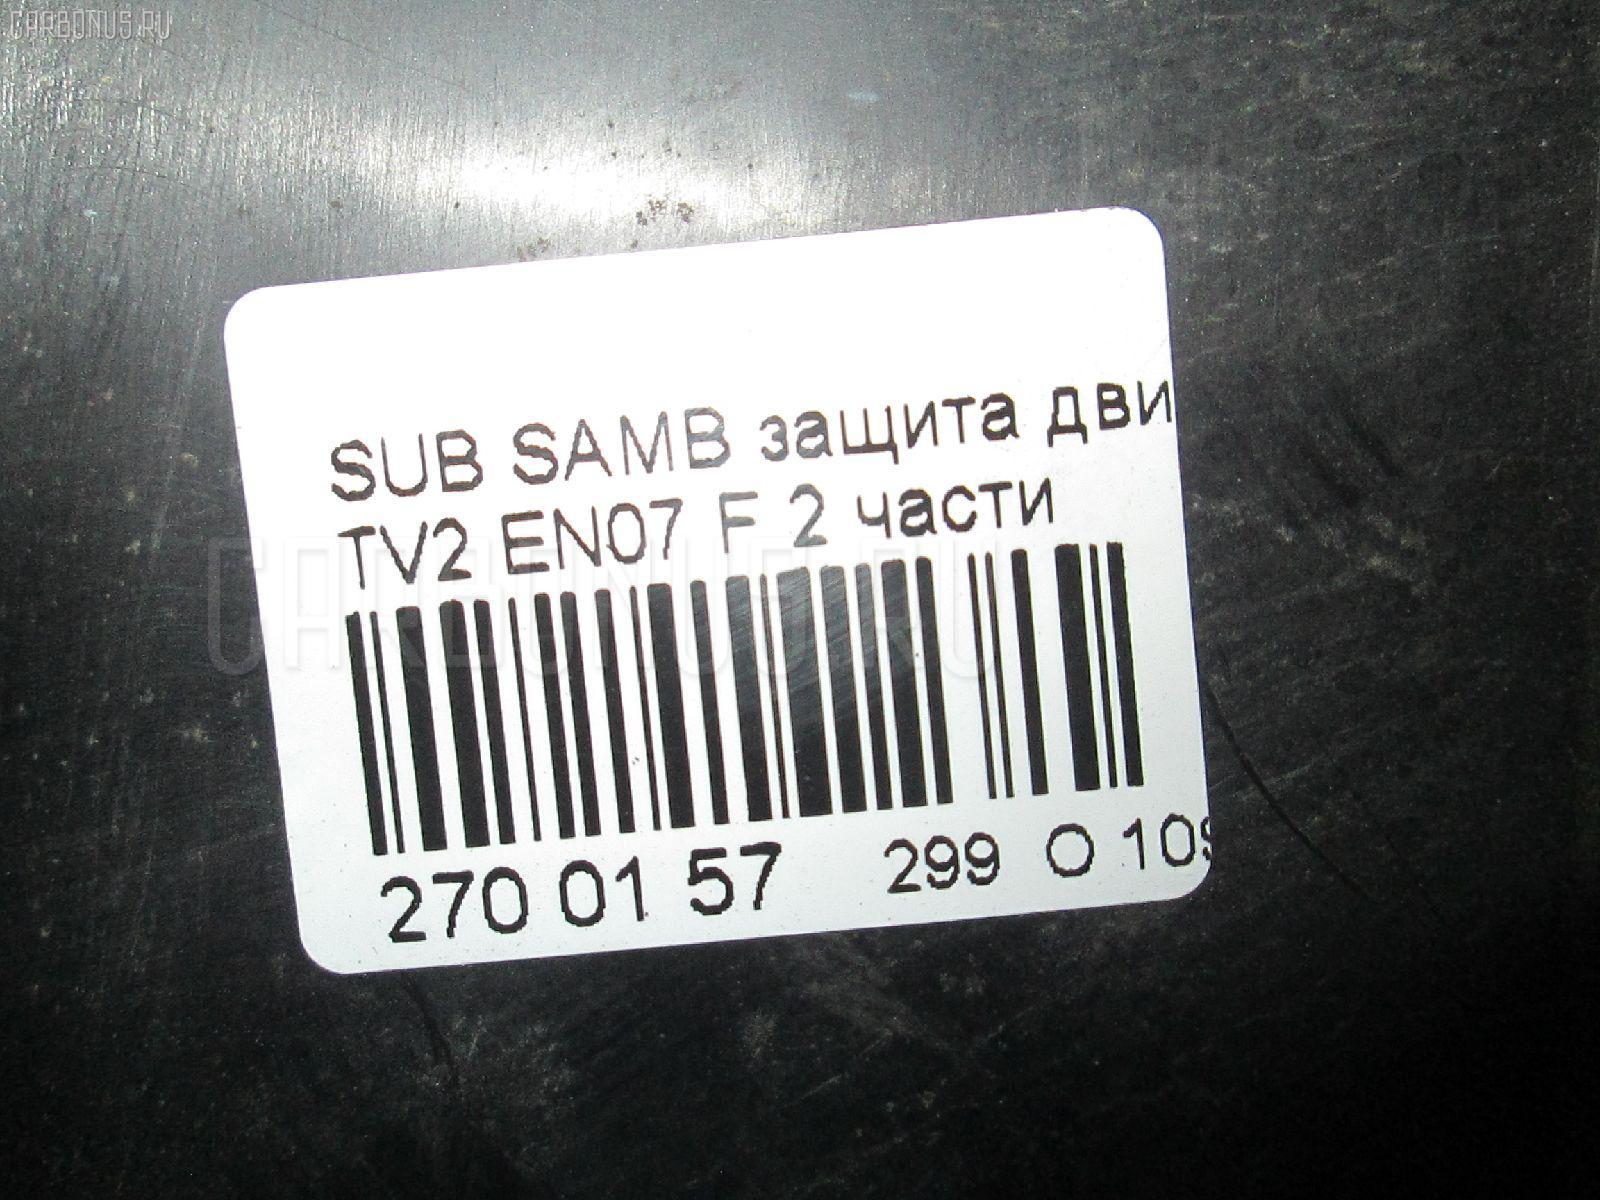 Защита двигателя SUBARU SAMBAR TV2 EN07 Фото 2